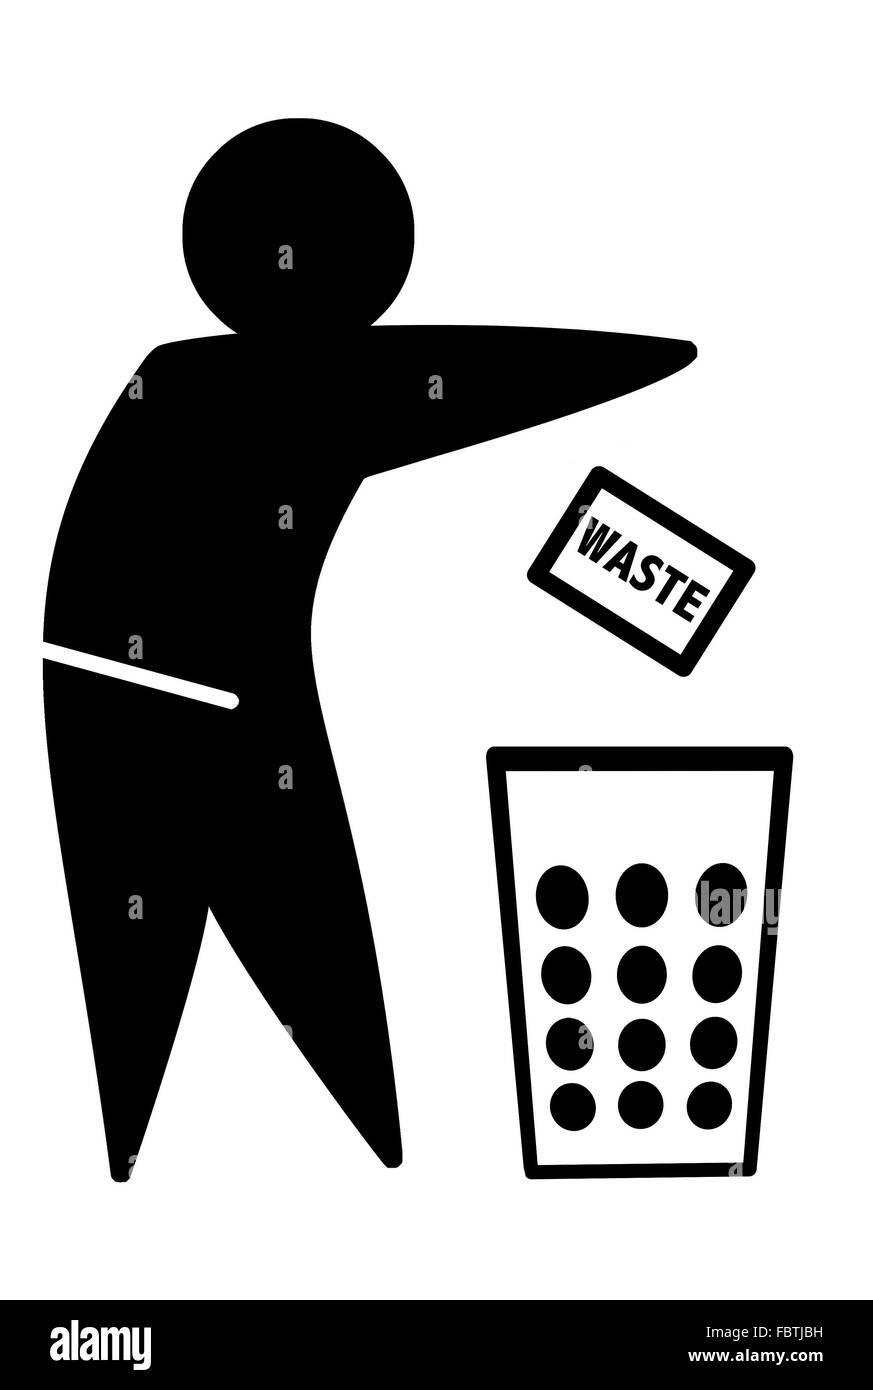 WASTE icon Stock Photo